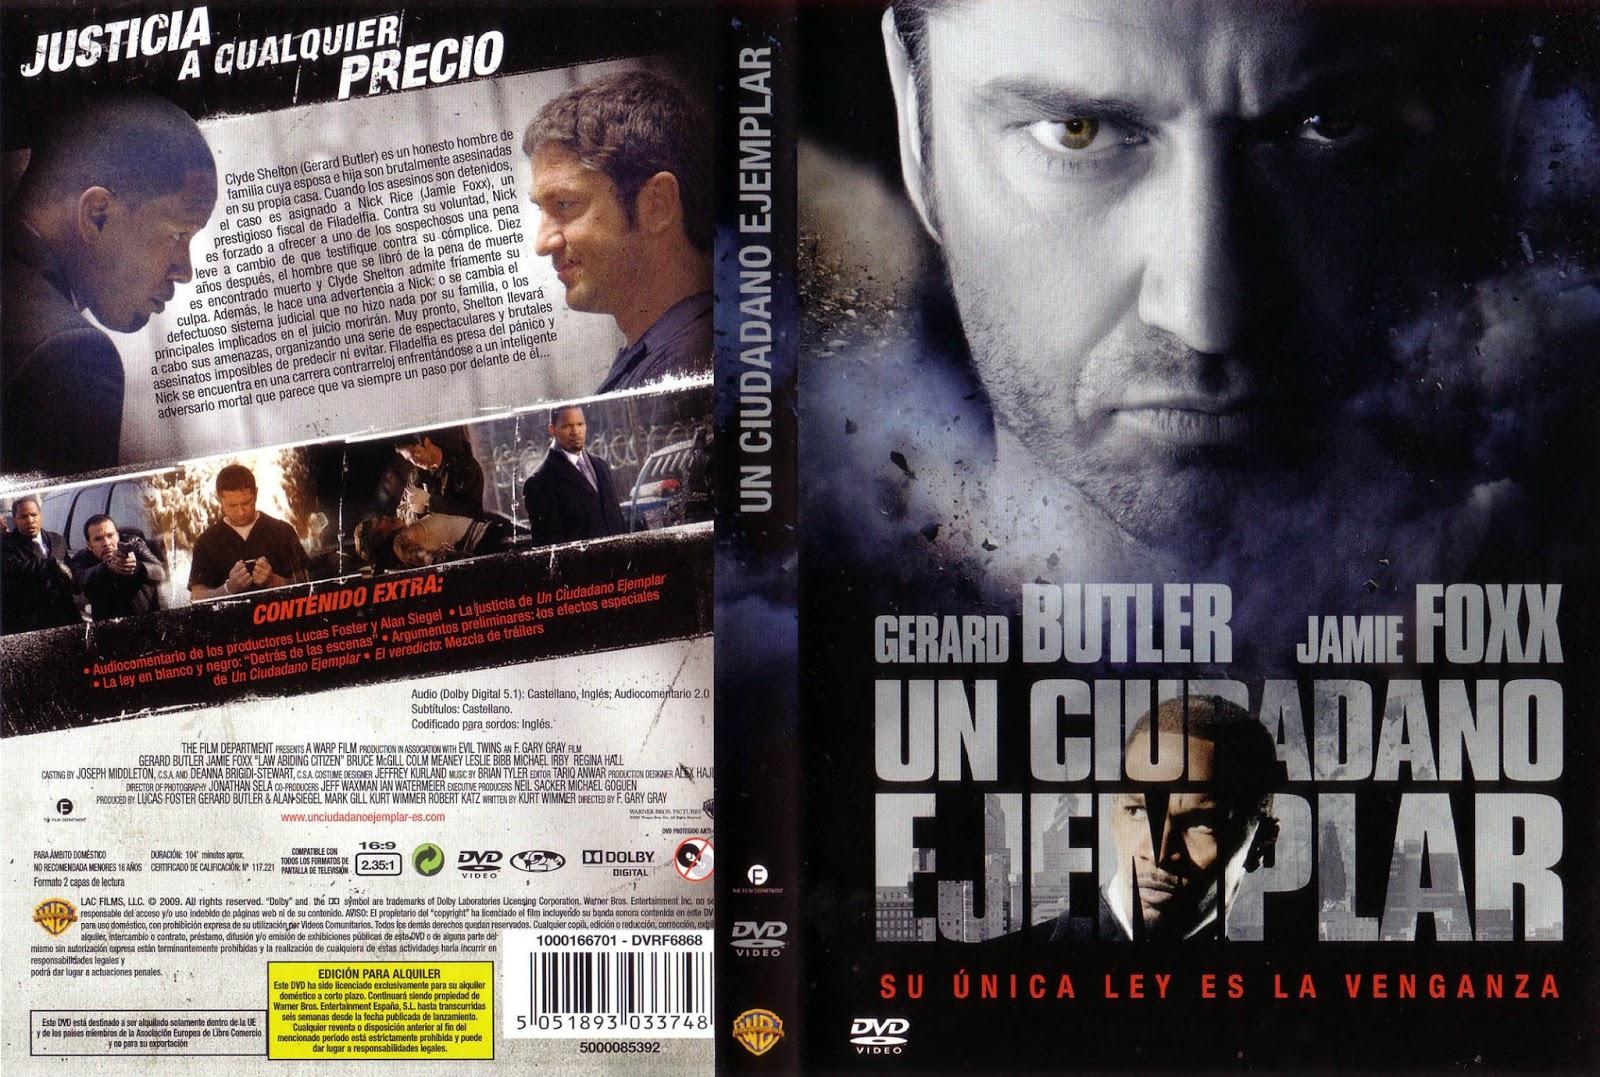 Un Ciudadano Ejemplar (Año 2010) Trailer - YouTube